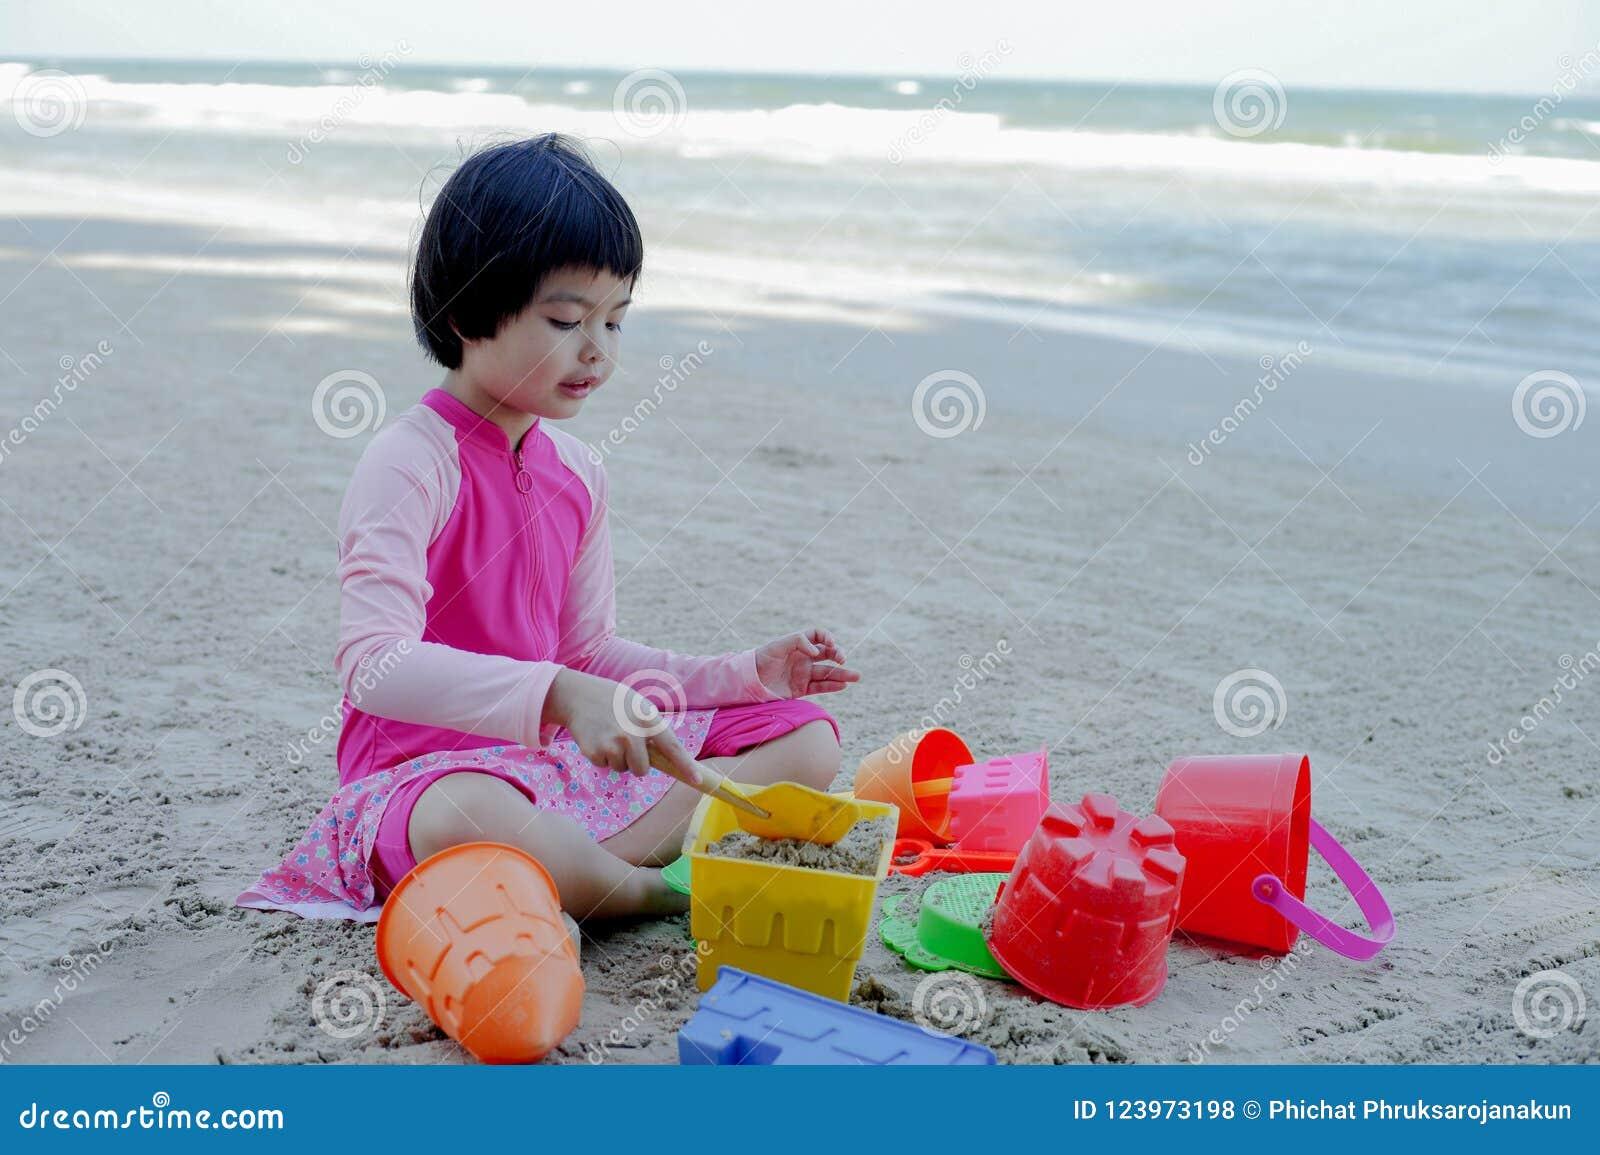 woman asian Sunshine coast